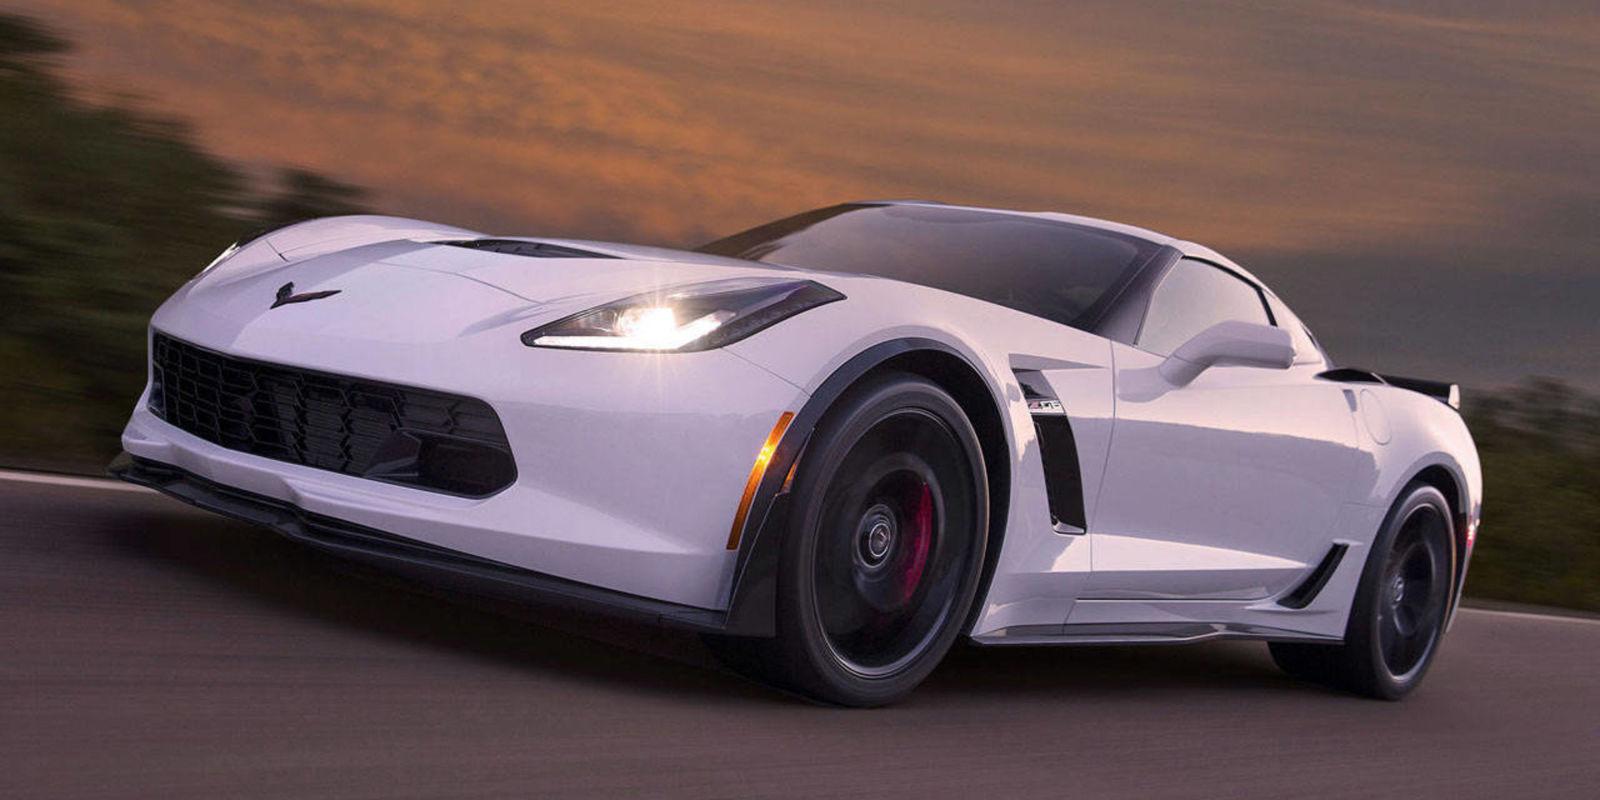 2015 - 2015 Corvette Z06 White